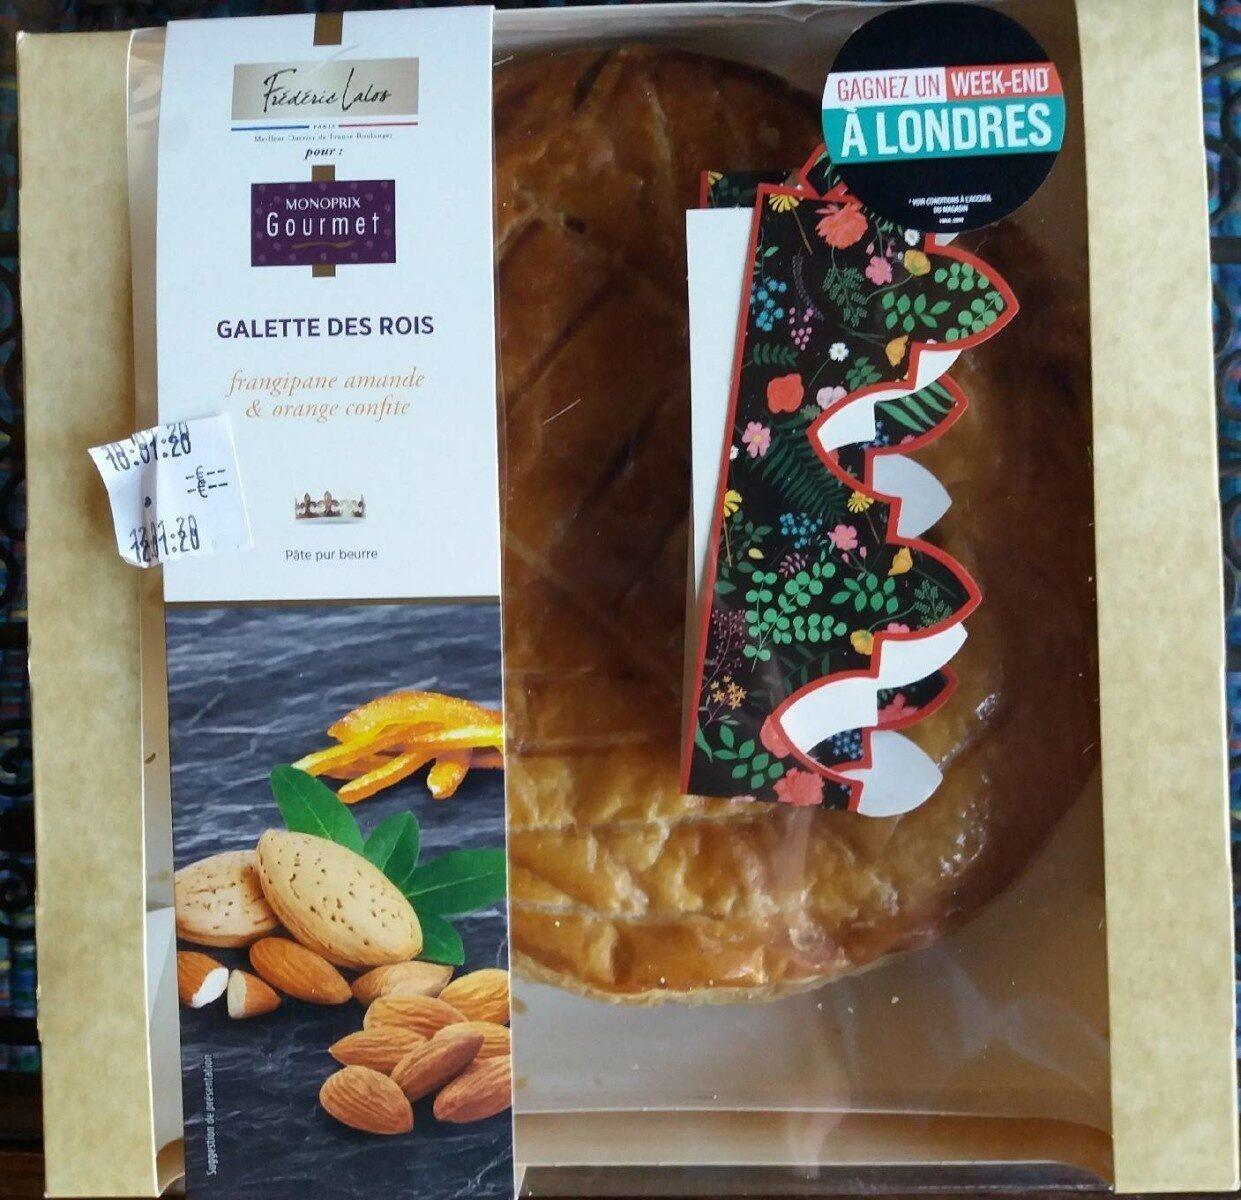 Galette des rois frangipane amande et orange confite - Product